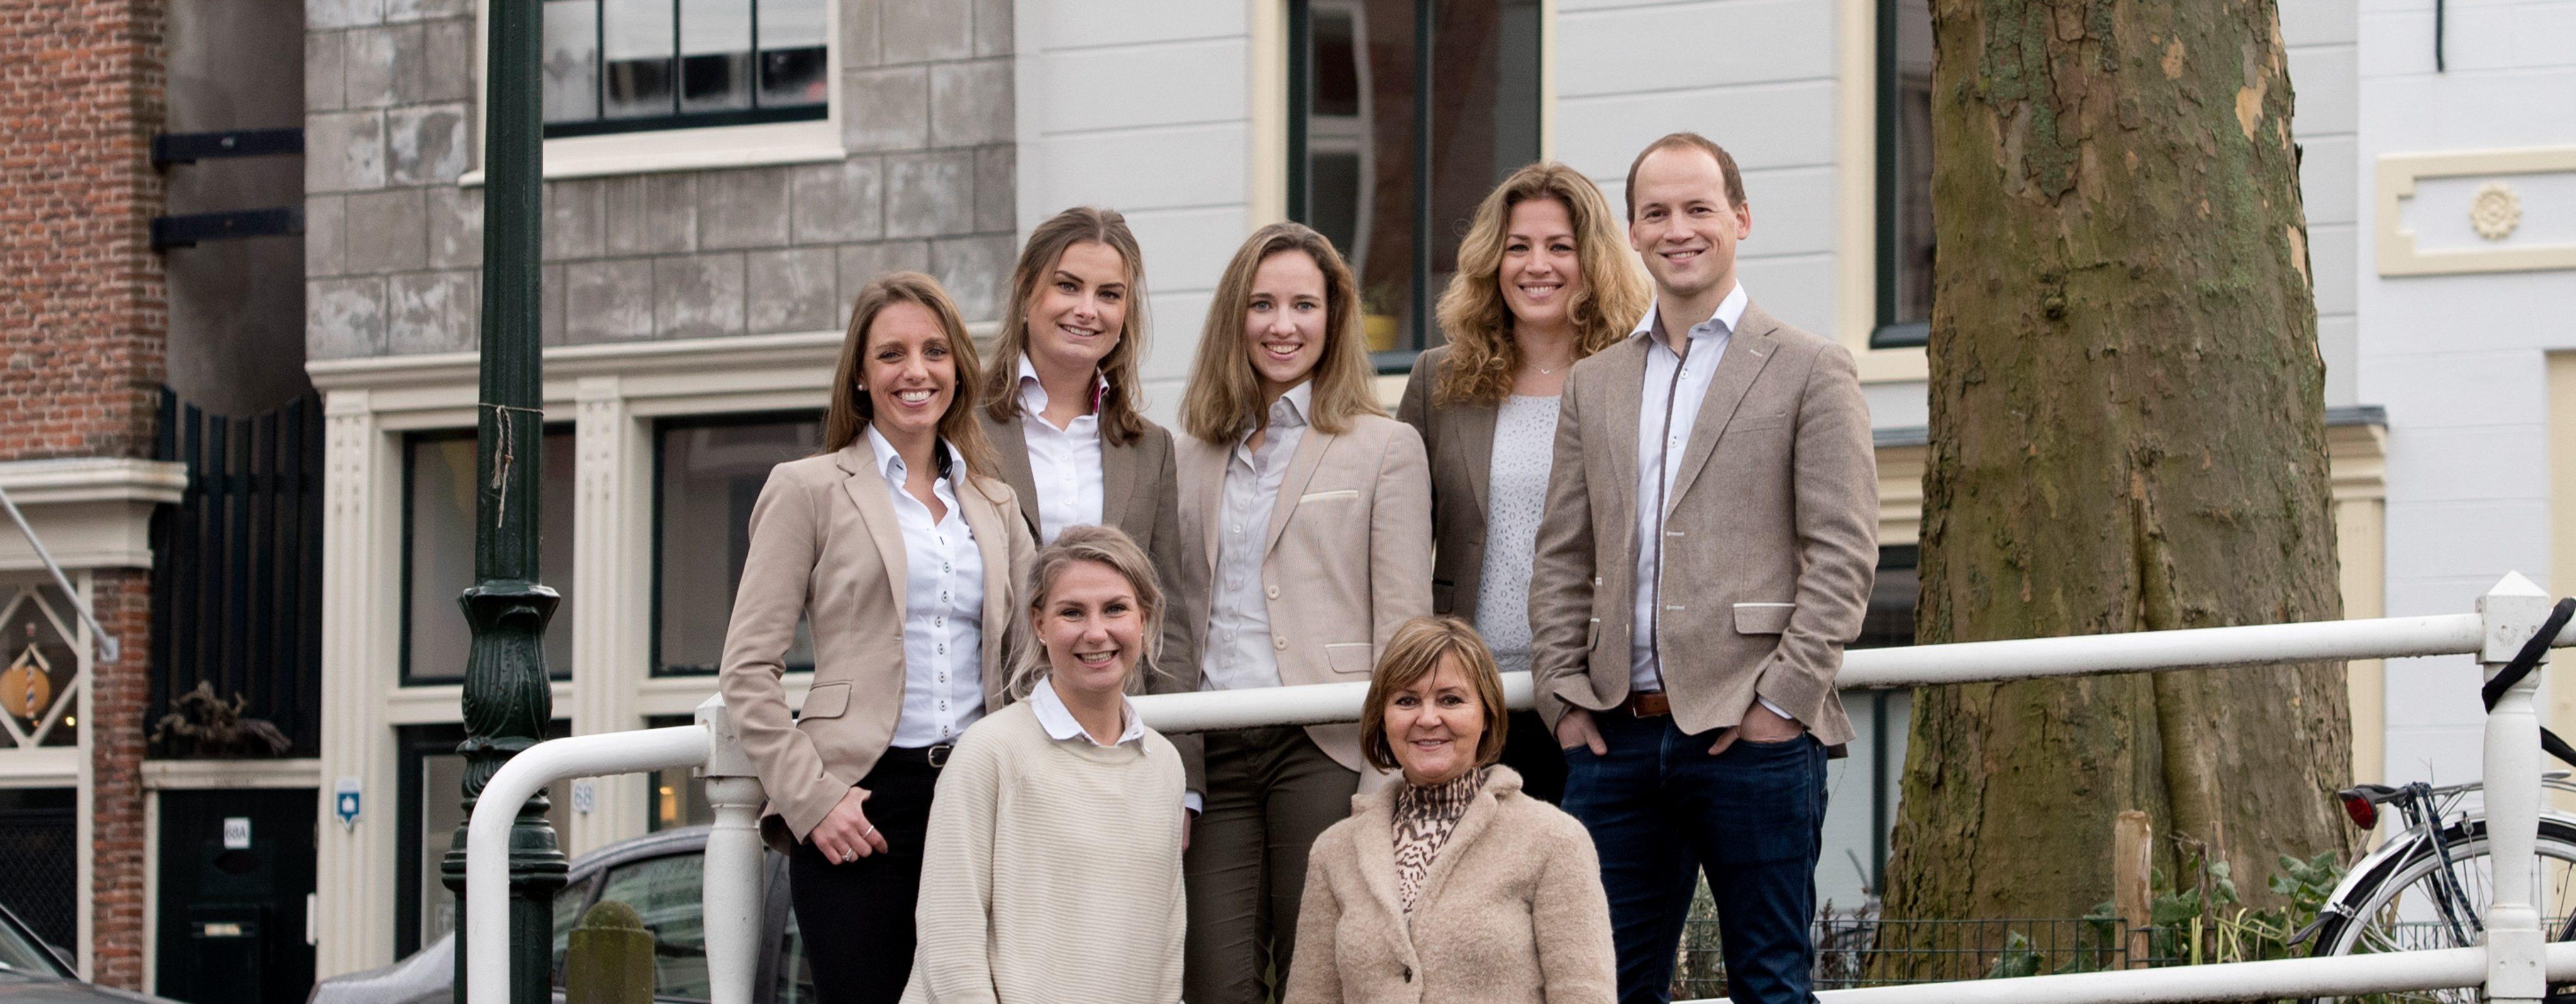 Team-Overspaern-Makelaardij-aankoopmakelaars-Haarlem-en-omgeving-voorgevel-makelaardij